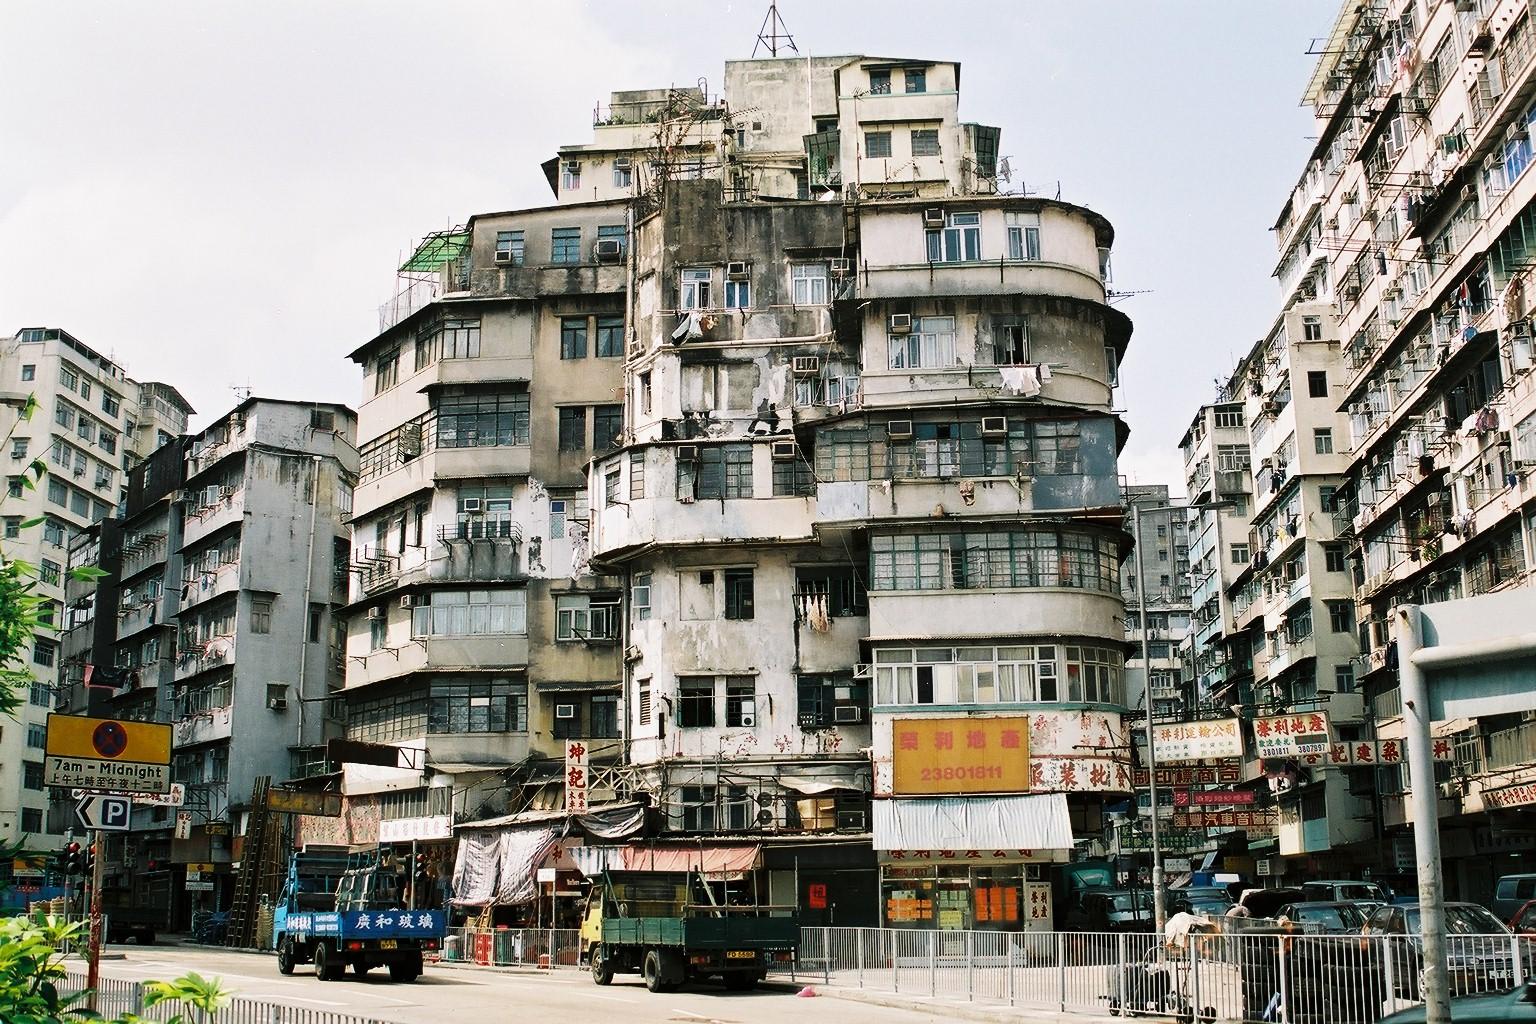 'Căn hộ ma ám' - lựa chọn ưa thích của giới trẻ tại Hong Kong